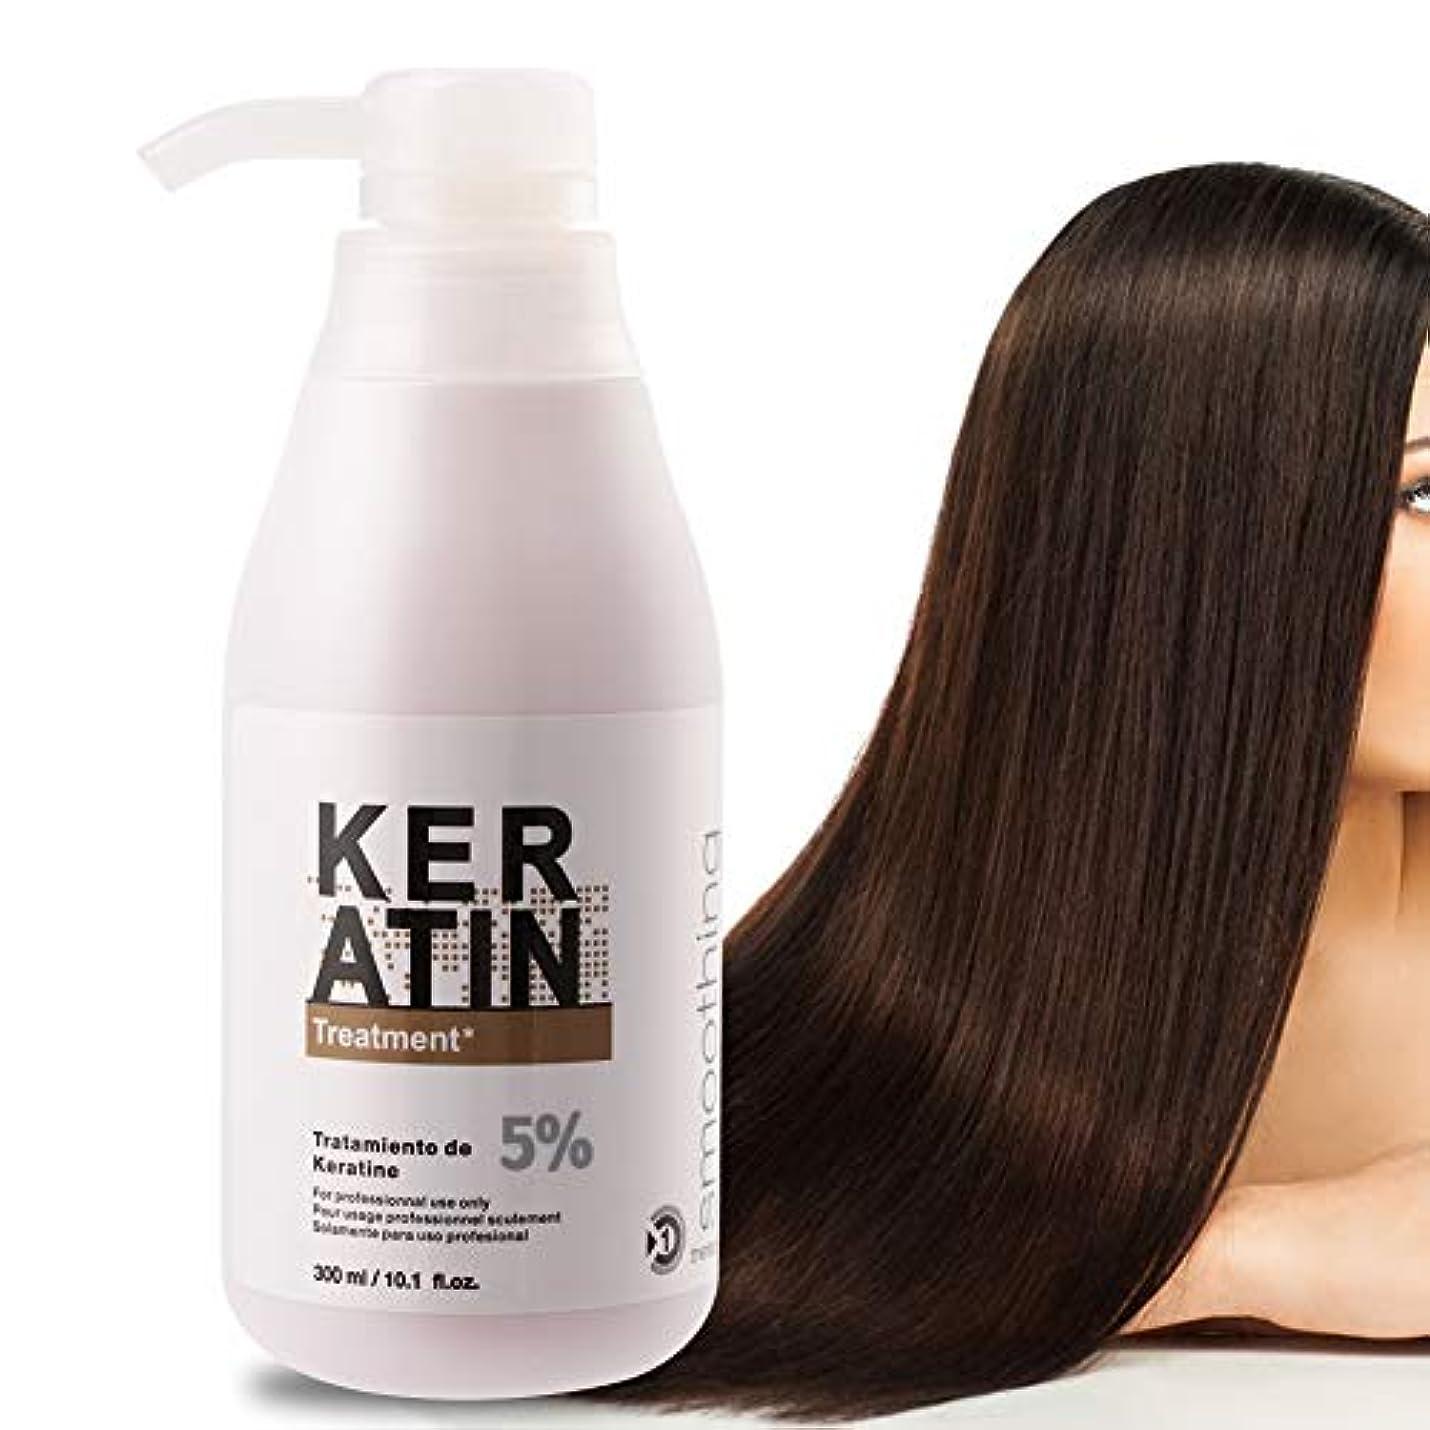 債権者方程式海乾いた、ダメージを受けた、そして化学的に処理された髪のためのケラチンとタンパク質のケラチンヘアマスク、300mlブラジルのケラチンヘアトリートメント